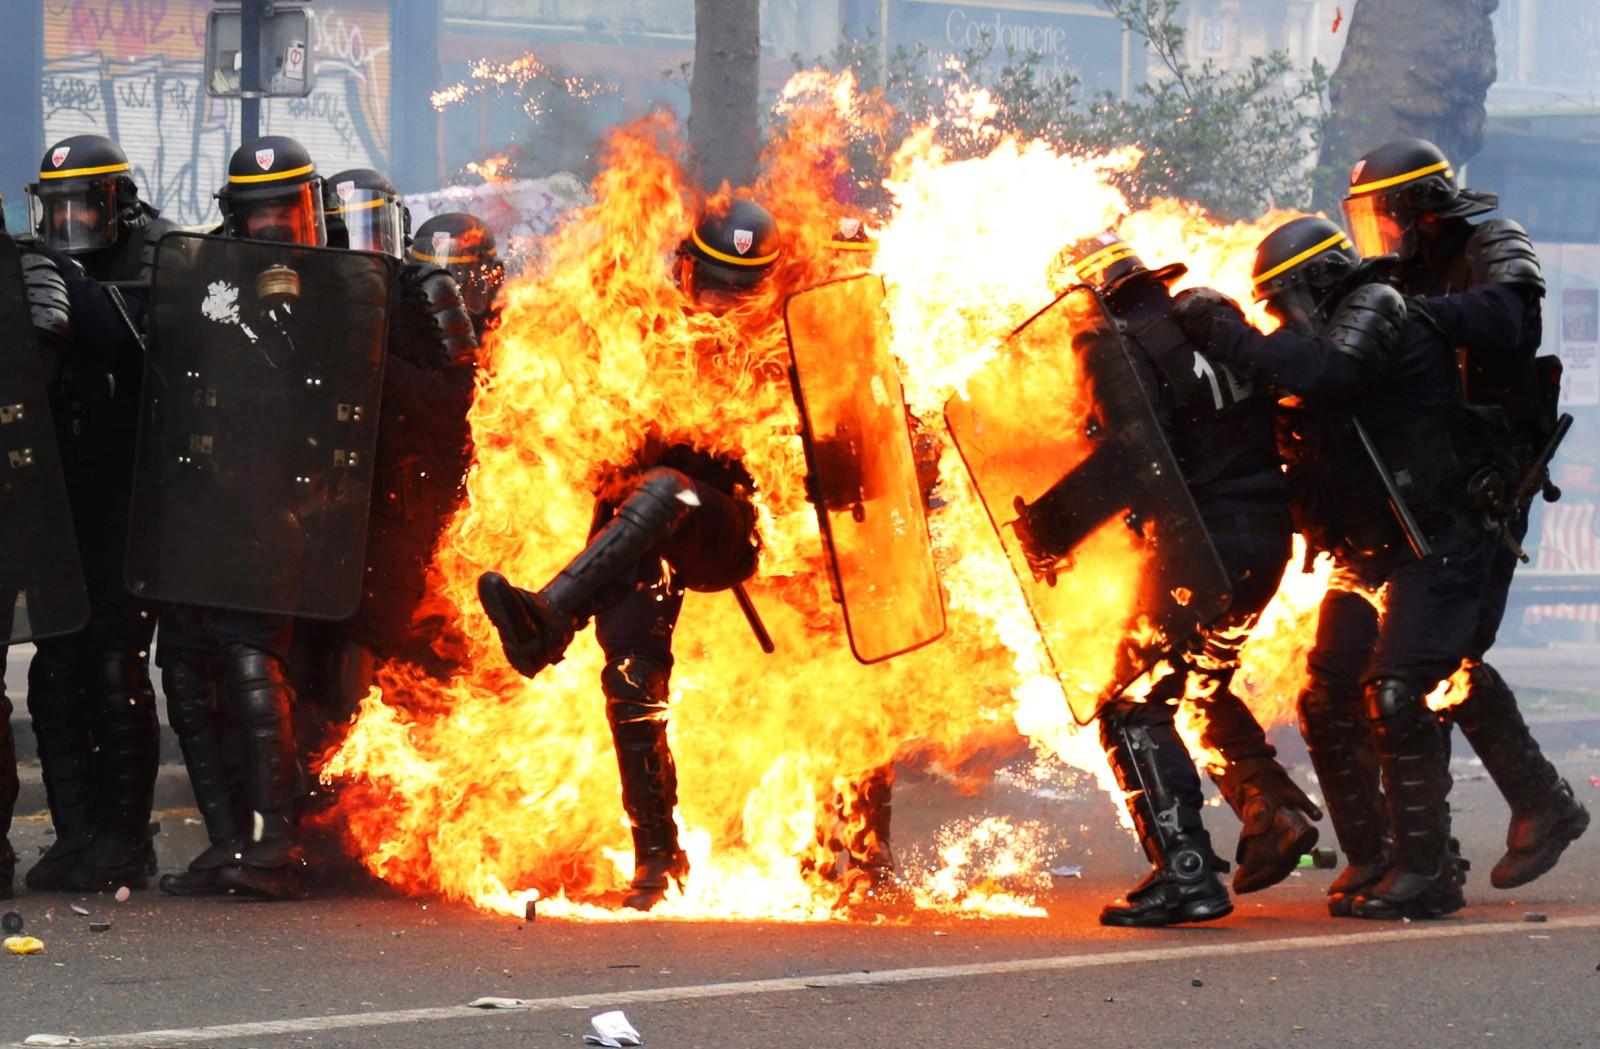 Fransk antiopprørspoliti blir møtt av molotovcocktails under 1. mai-markeringen i Paris. Fire ble skadet under demonstrasjonen.